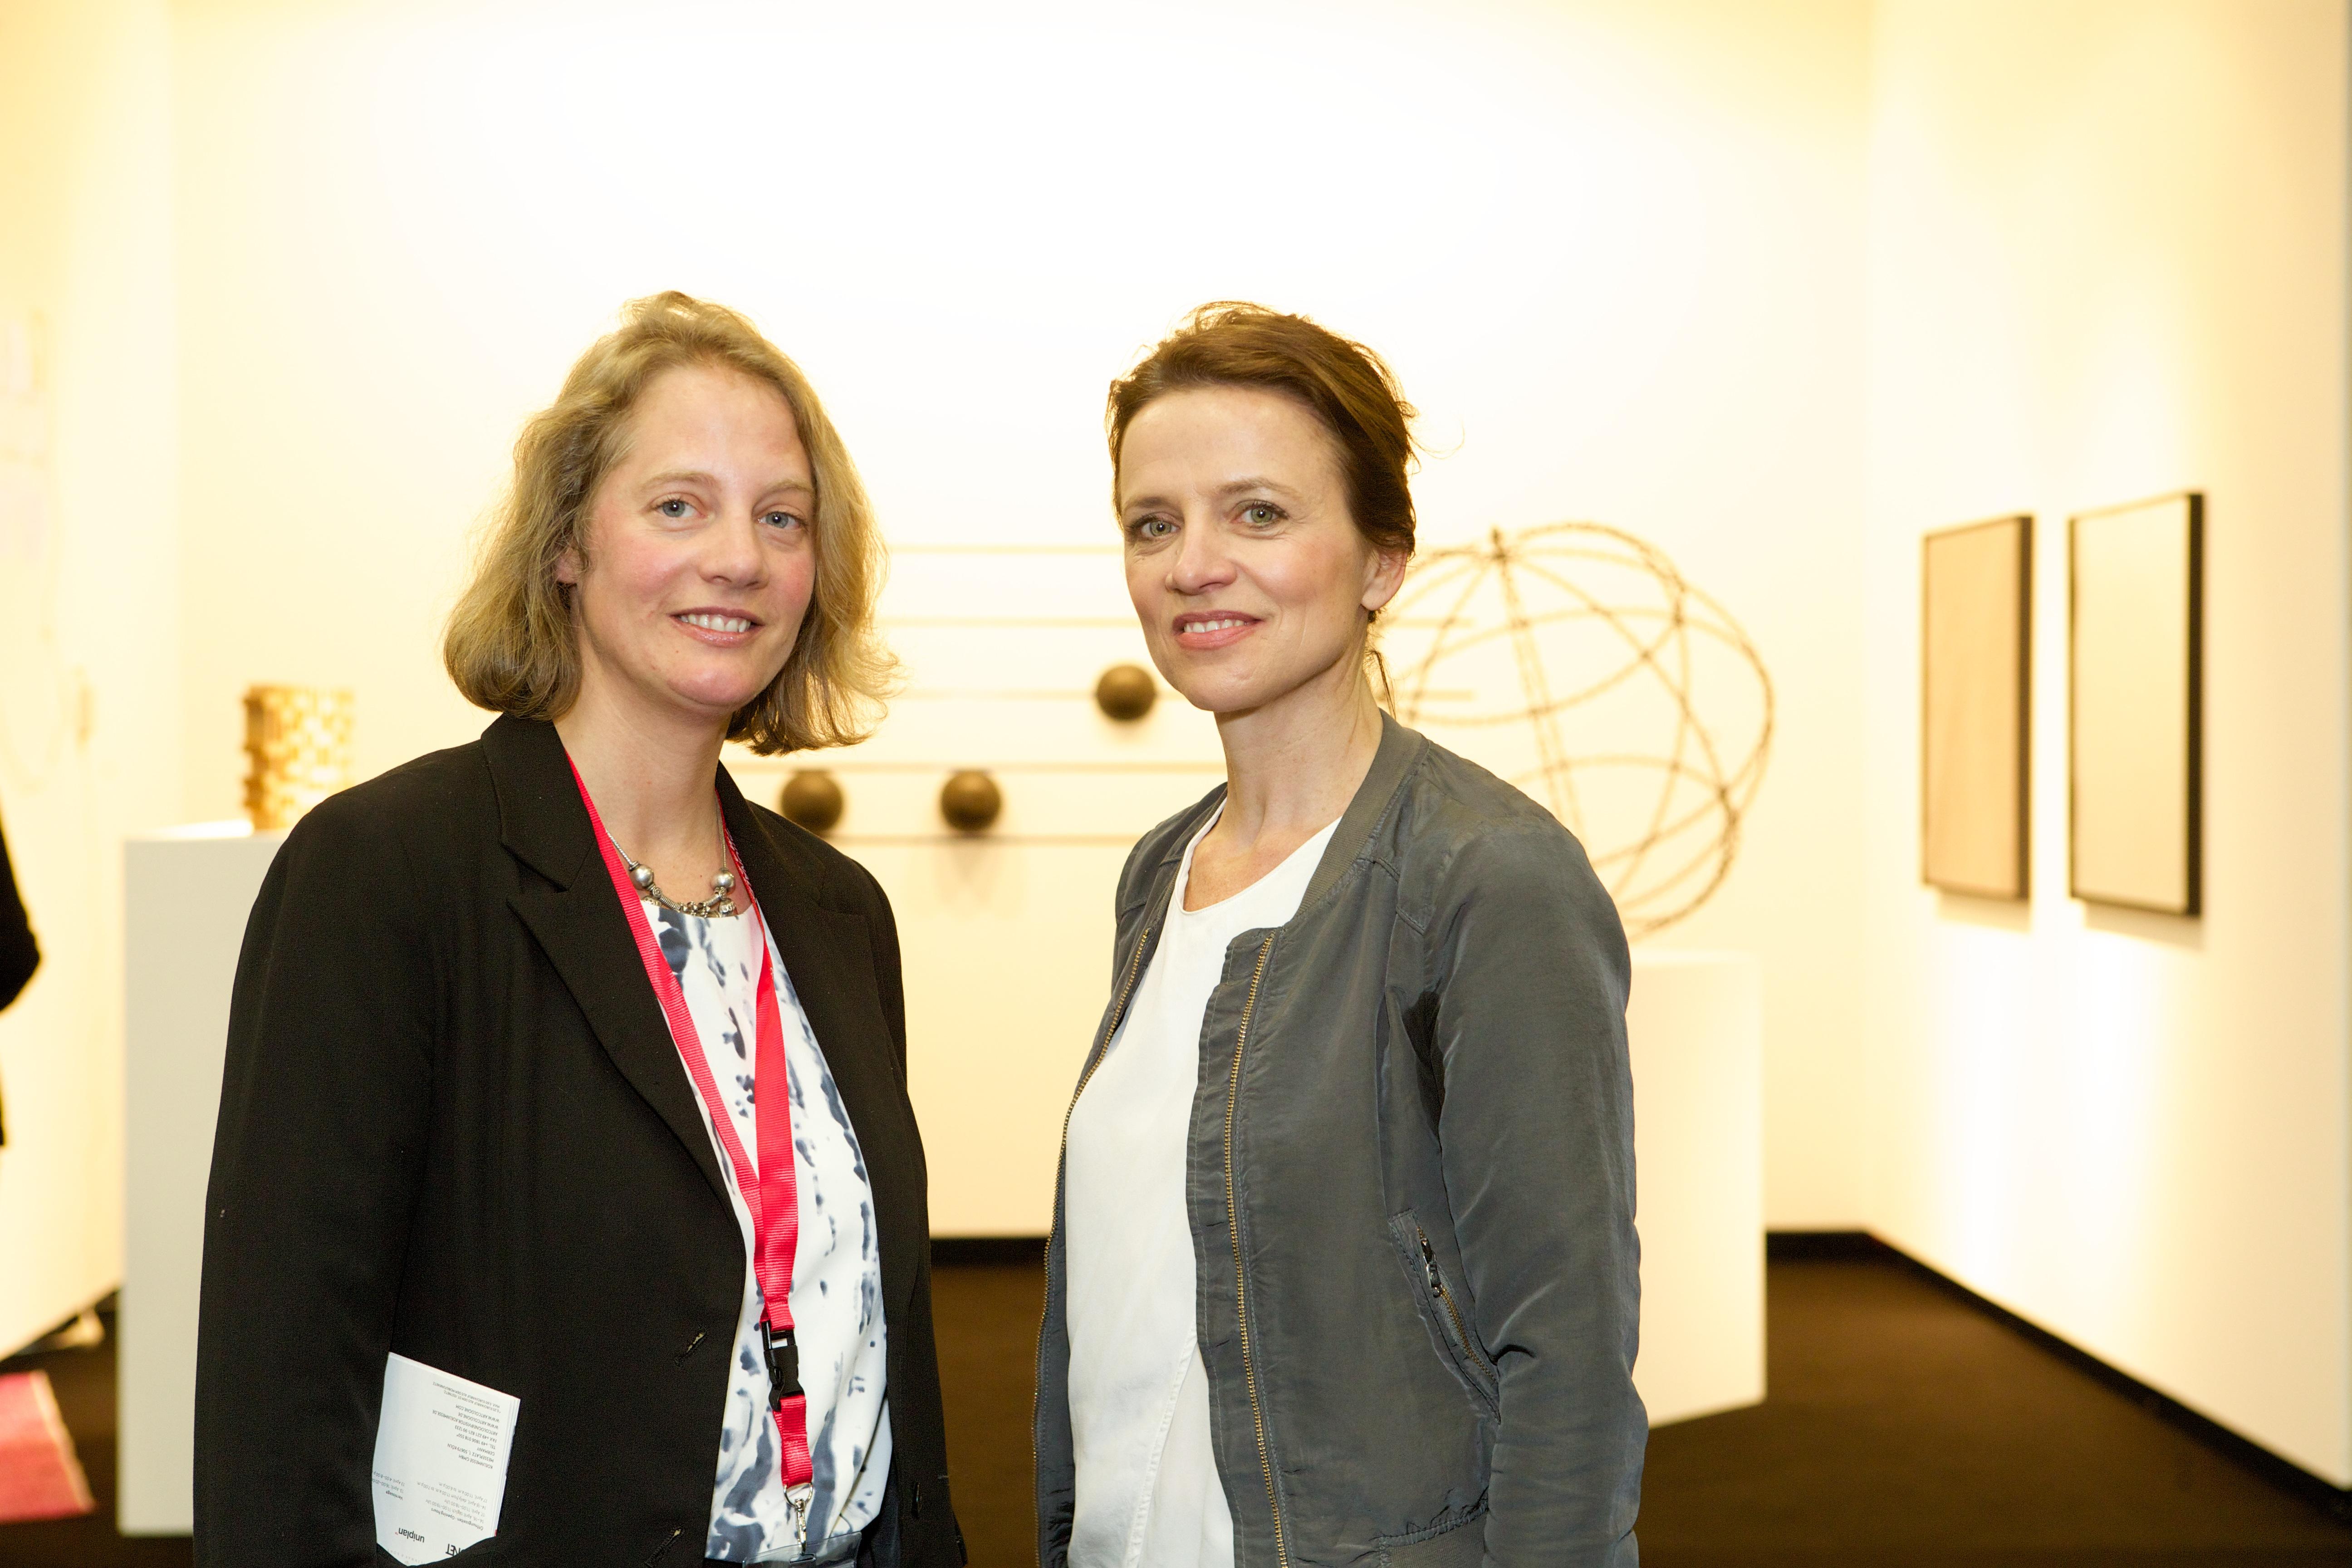 Nathalie Hoyos, Kuratorin der Art Collection Telekom, mit Antje Hundhausen, Vice President 3D Brand Experience und verantwortlich für die Kunstsammlung der Deutschen Telekom AG auf der ART COLOGNE 2016. Foto: Deutsche Telekom